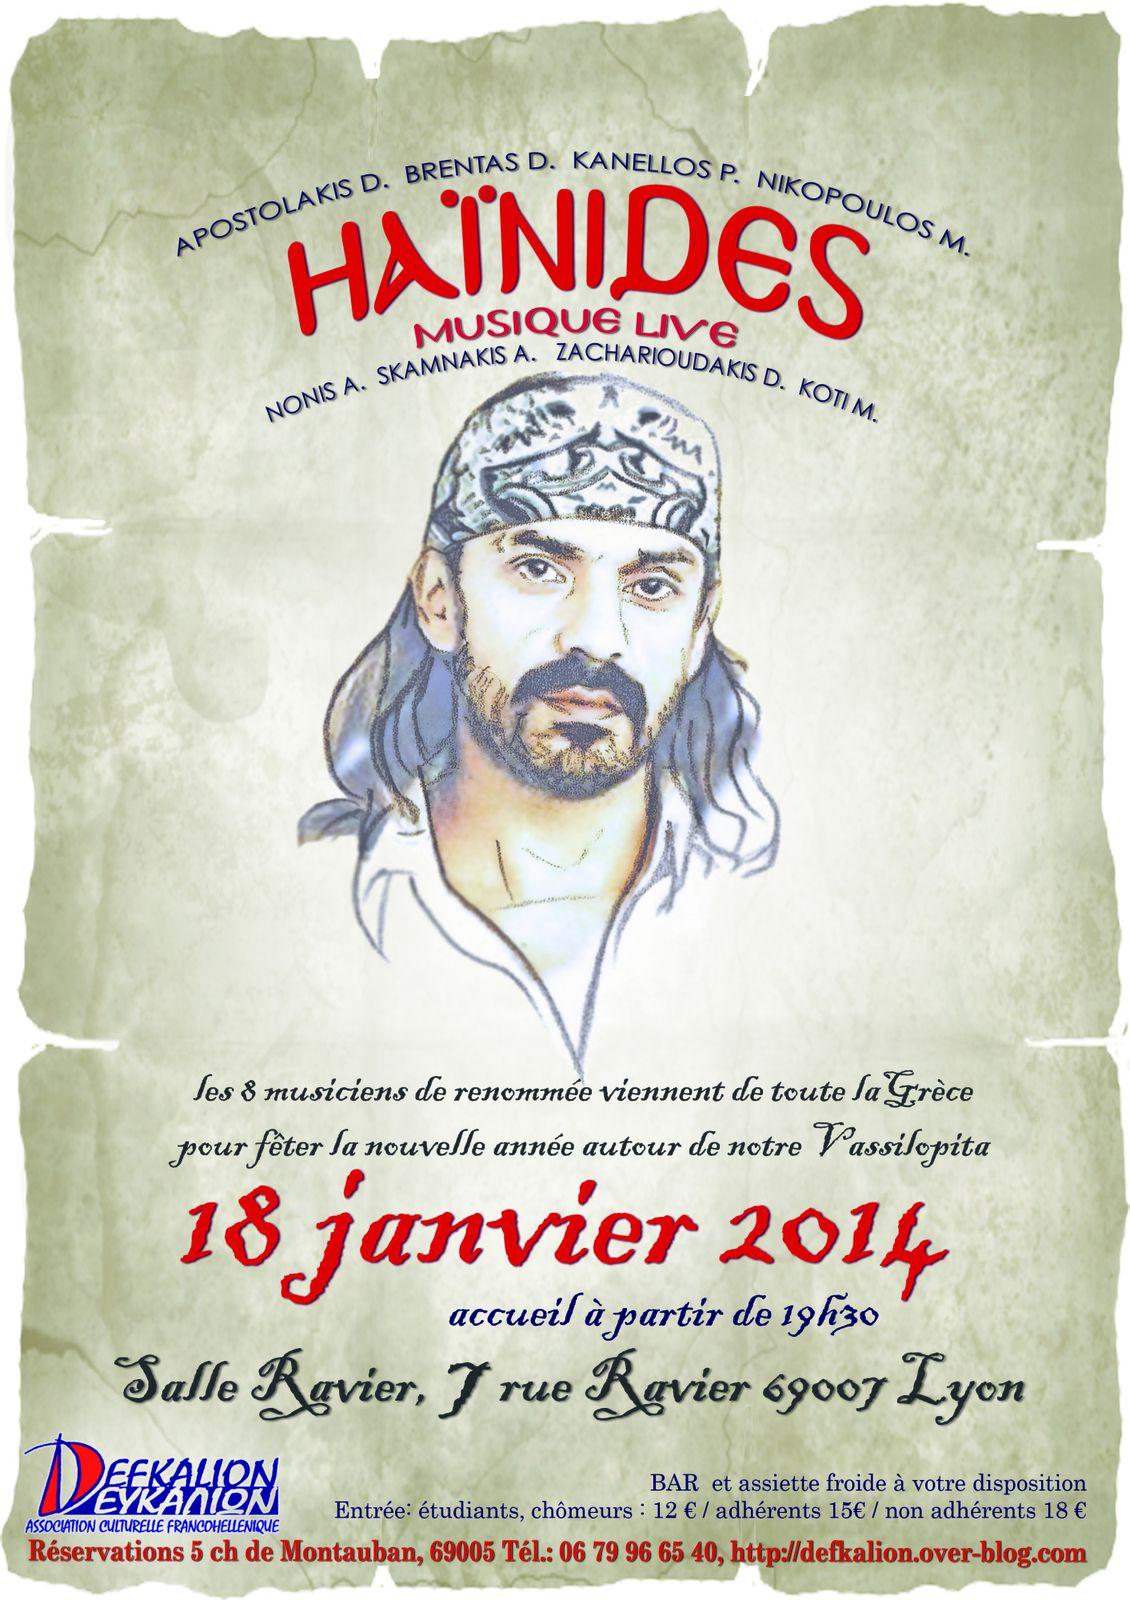 HAÏNIDES - 18 janvier 2013 à Lyon